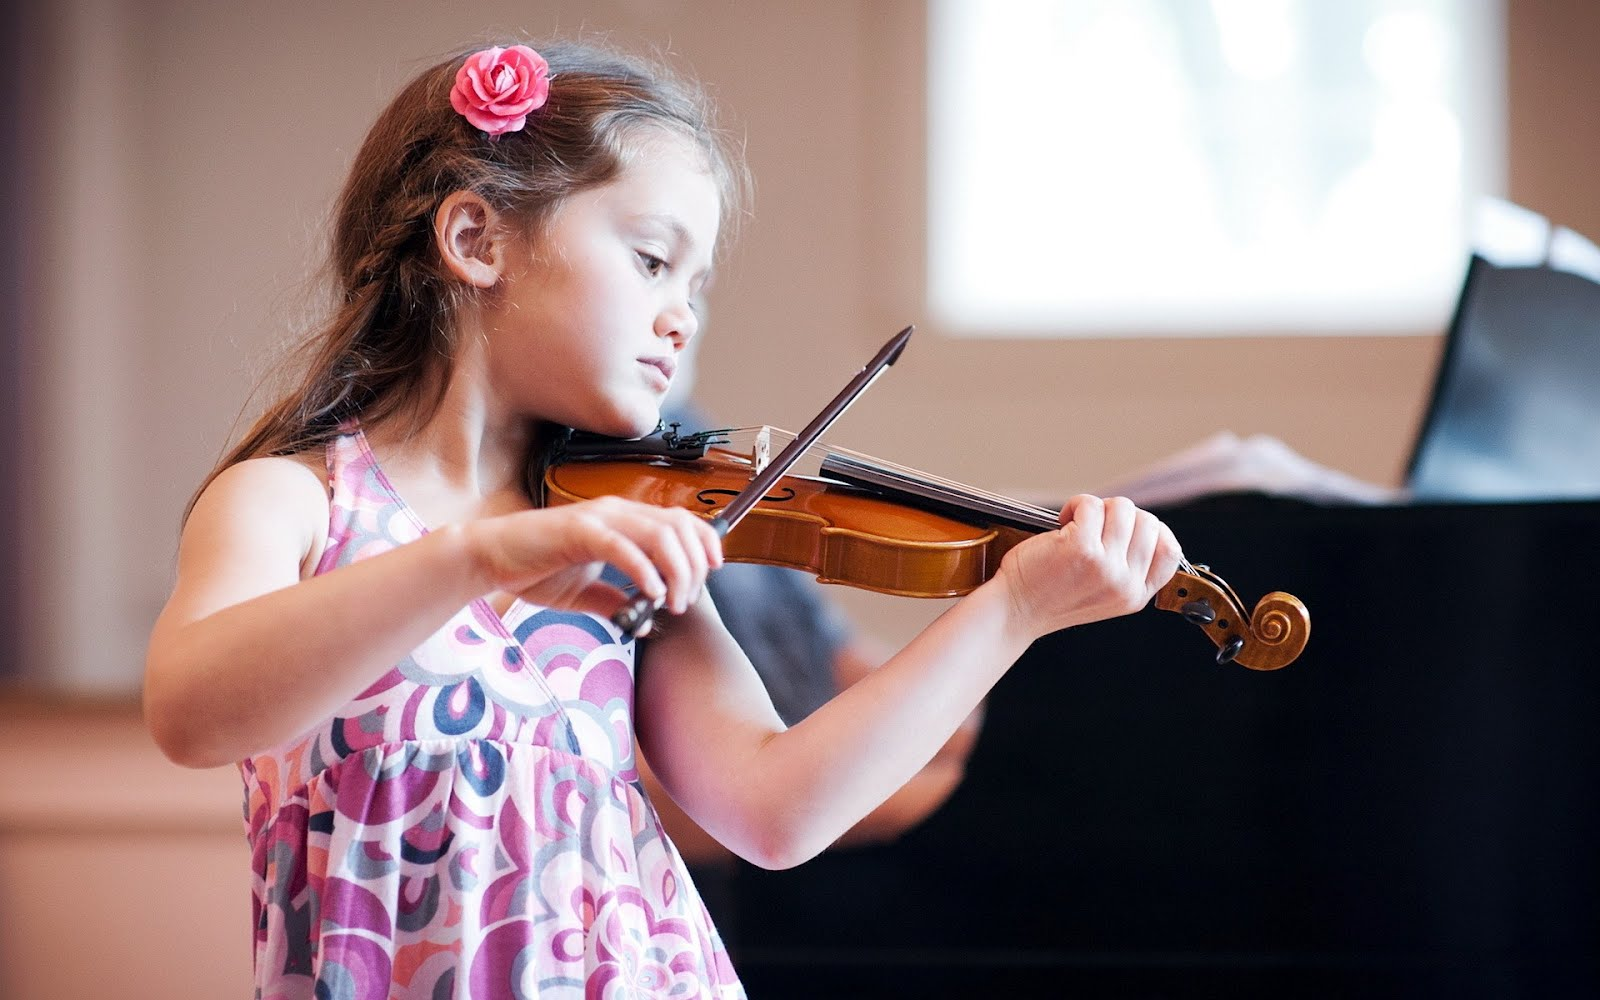 Момиче свири на виола, HD Wallpaper